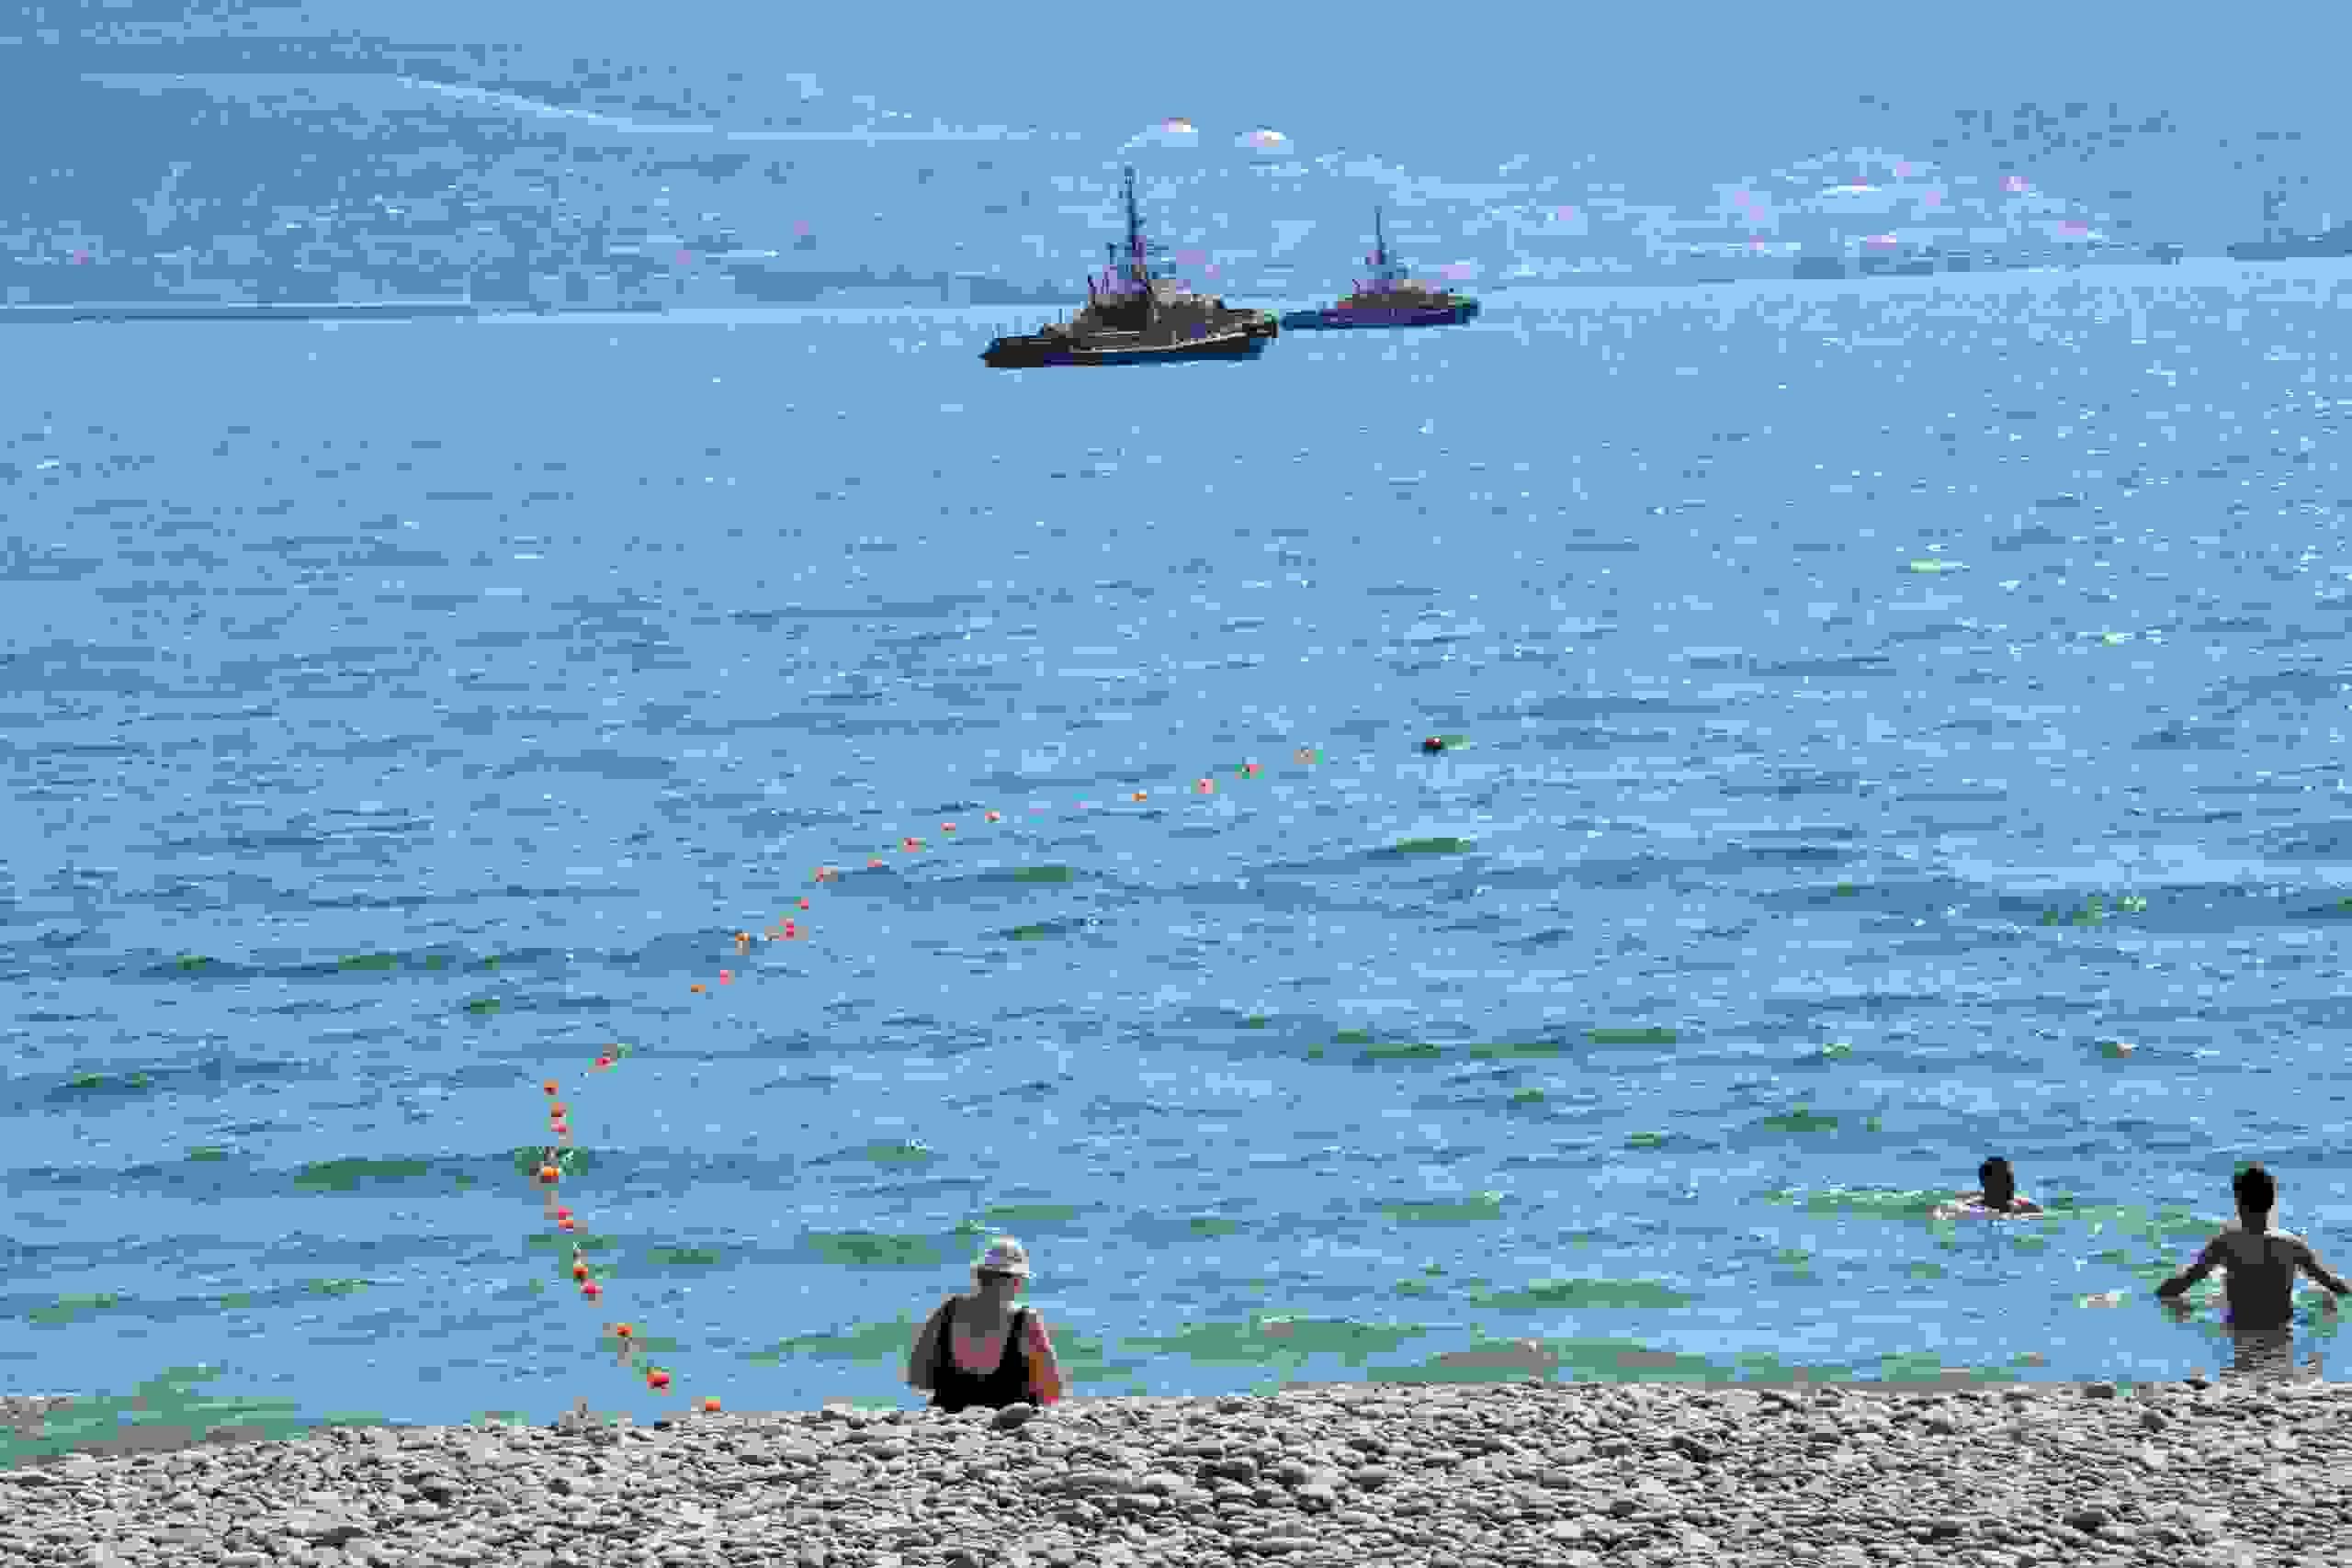 В Новороссийске чуть не утонули две пятилетние девочки. И две женщины